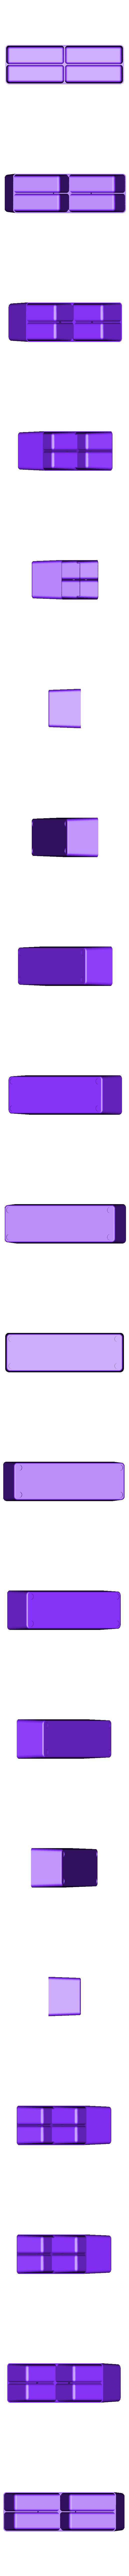 1-3__V2.stl Download STL file Allit Europlus organizer boxes • 3D printable model, baracuda86